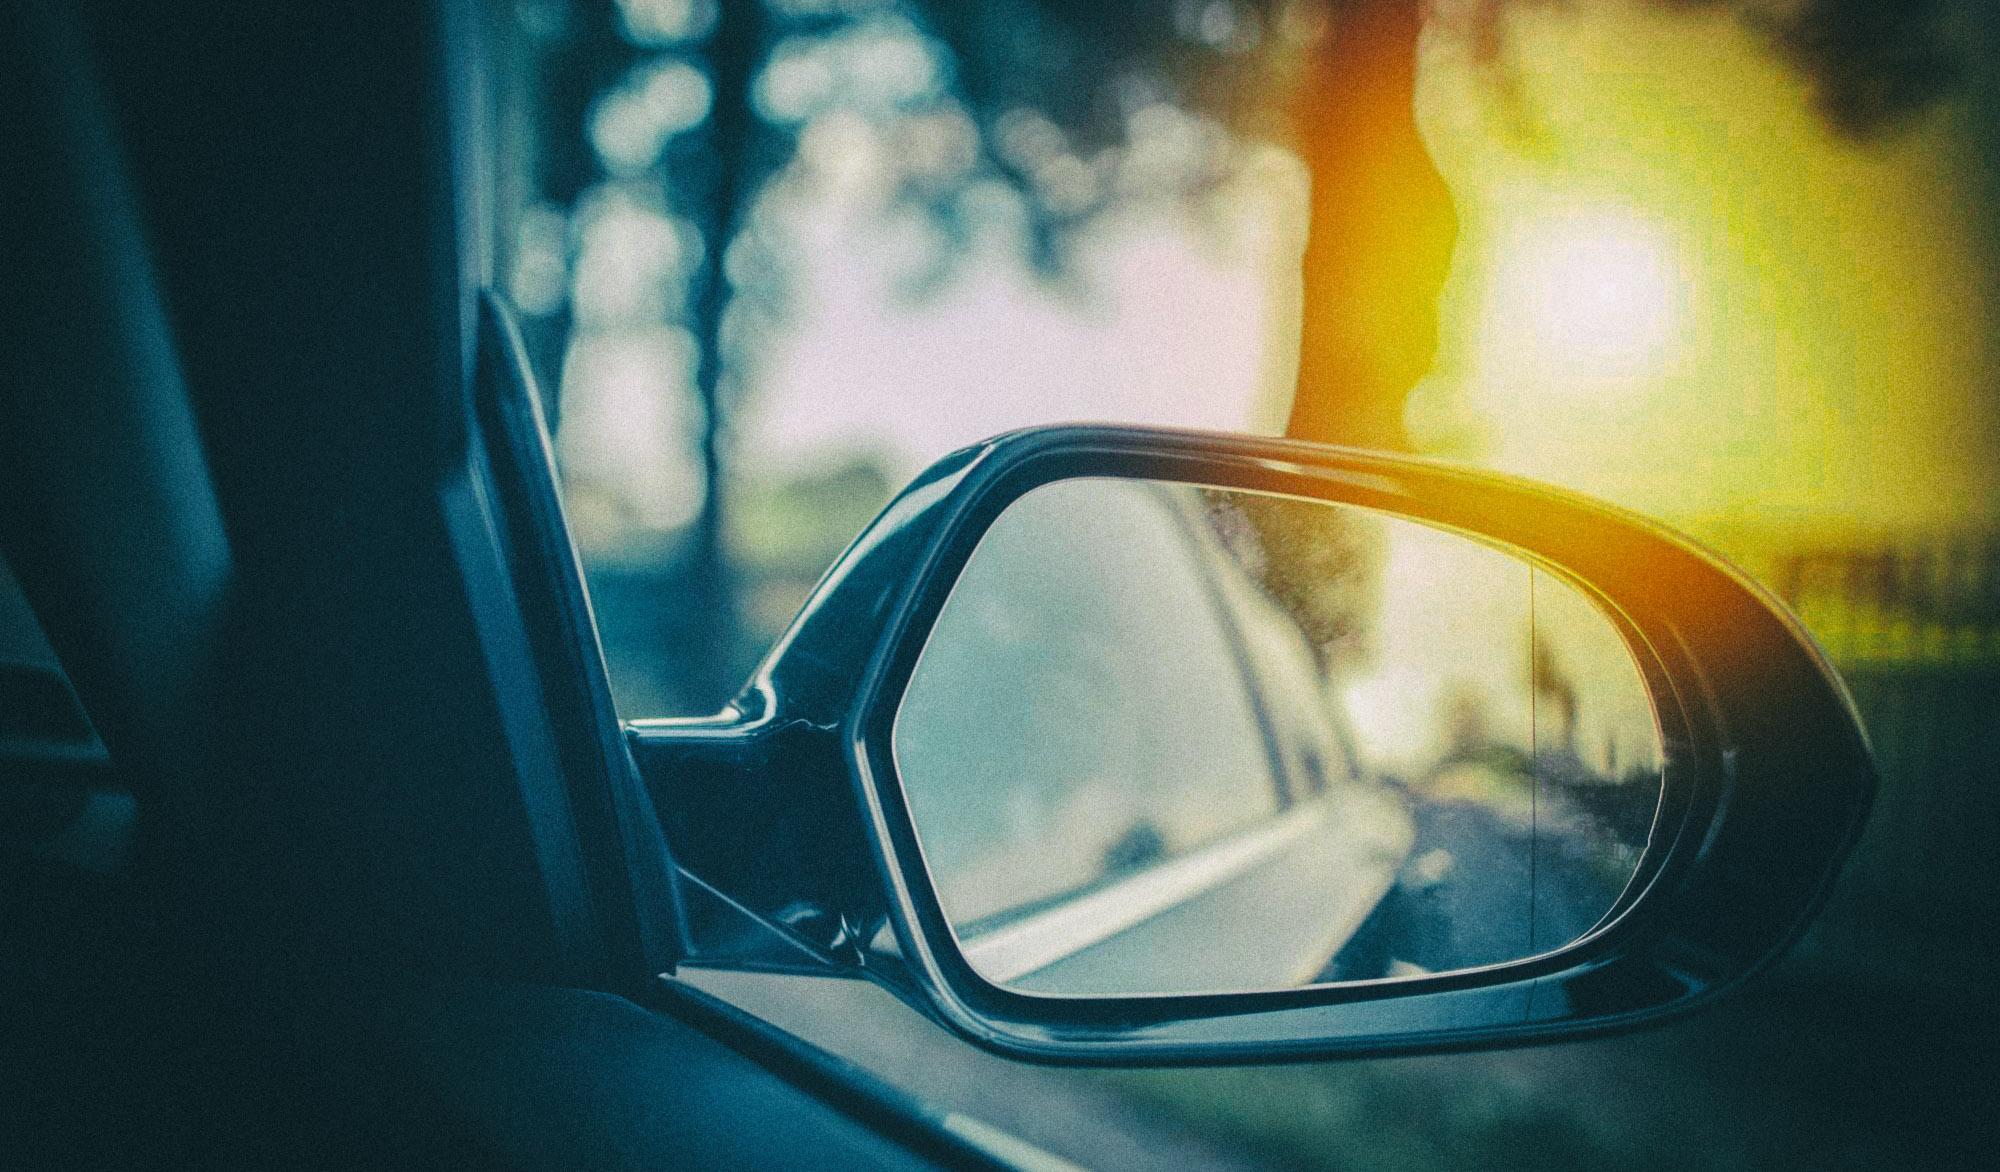 """Проблему """"слепых зон"""" в машине решили с помощью веб-камеры и проектора"""